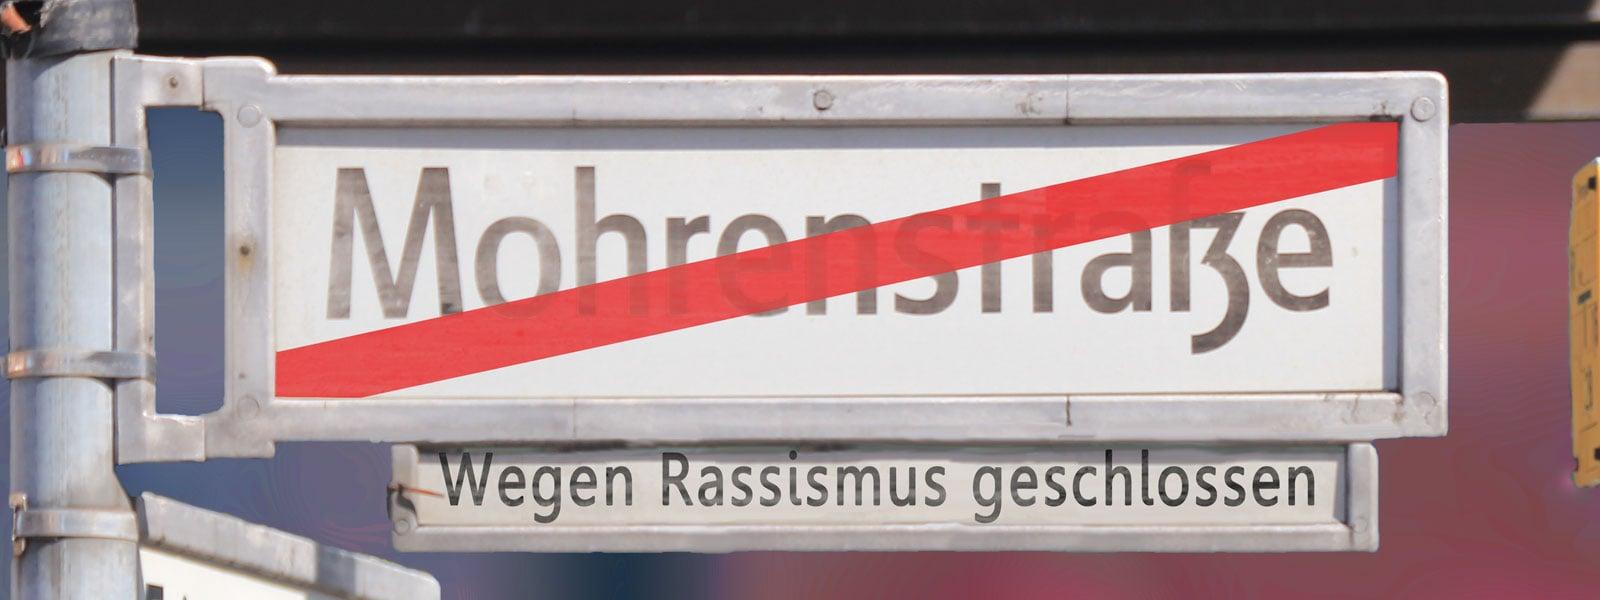 Umbenennung Mohrenstraße